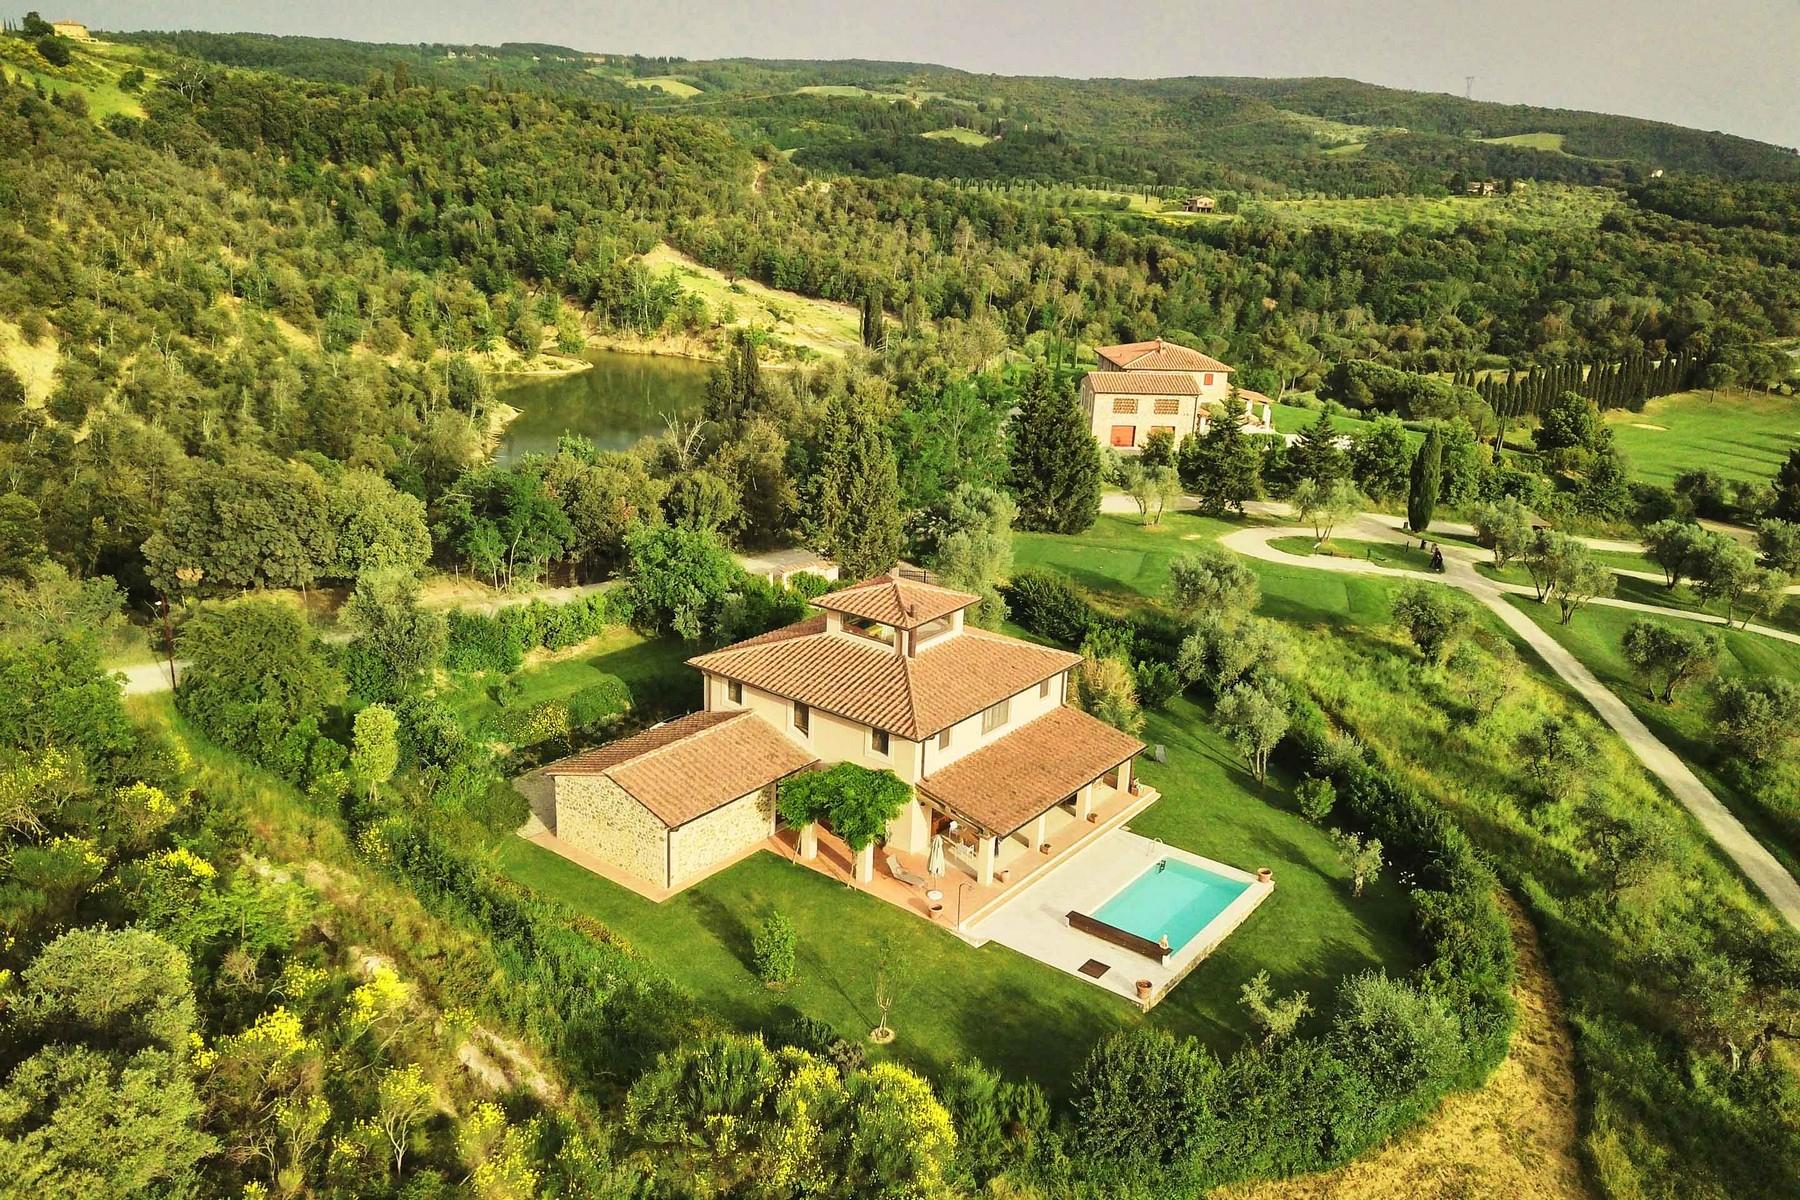 Villa in Vendita a Montaione: 5 locali, 360 mq - Foto 13